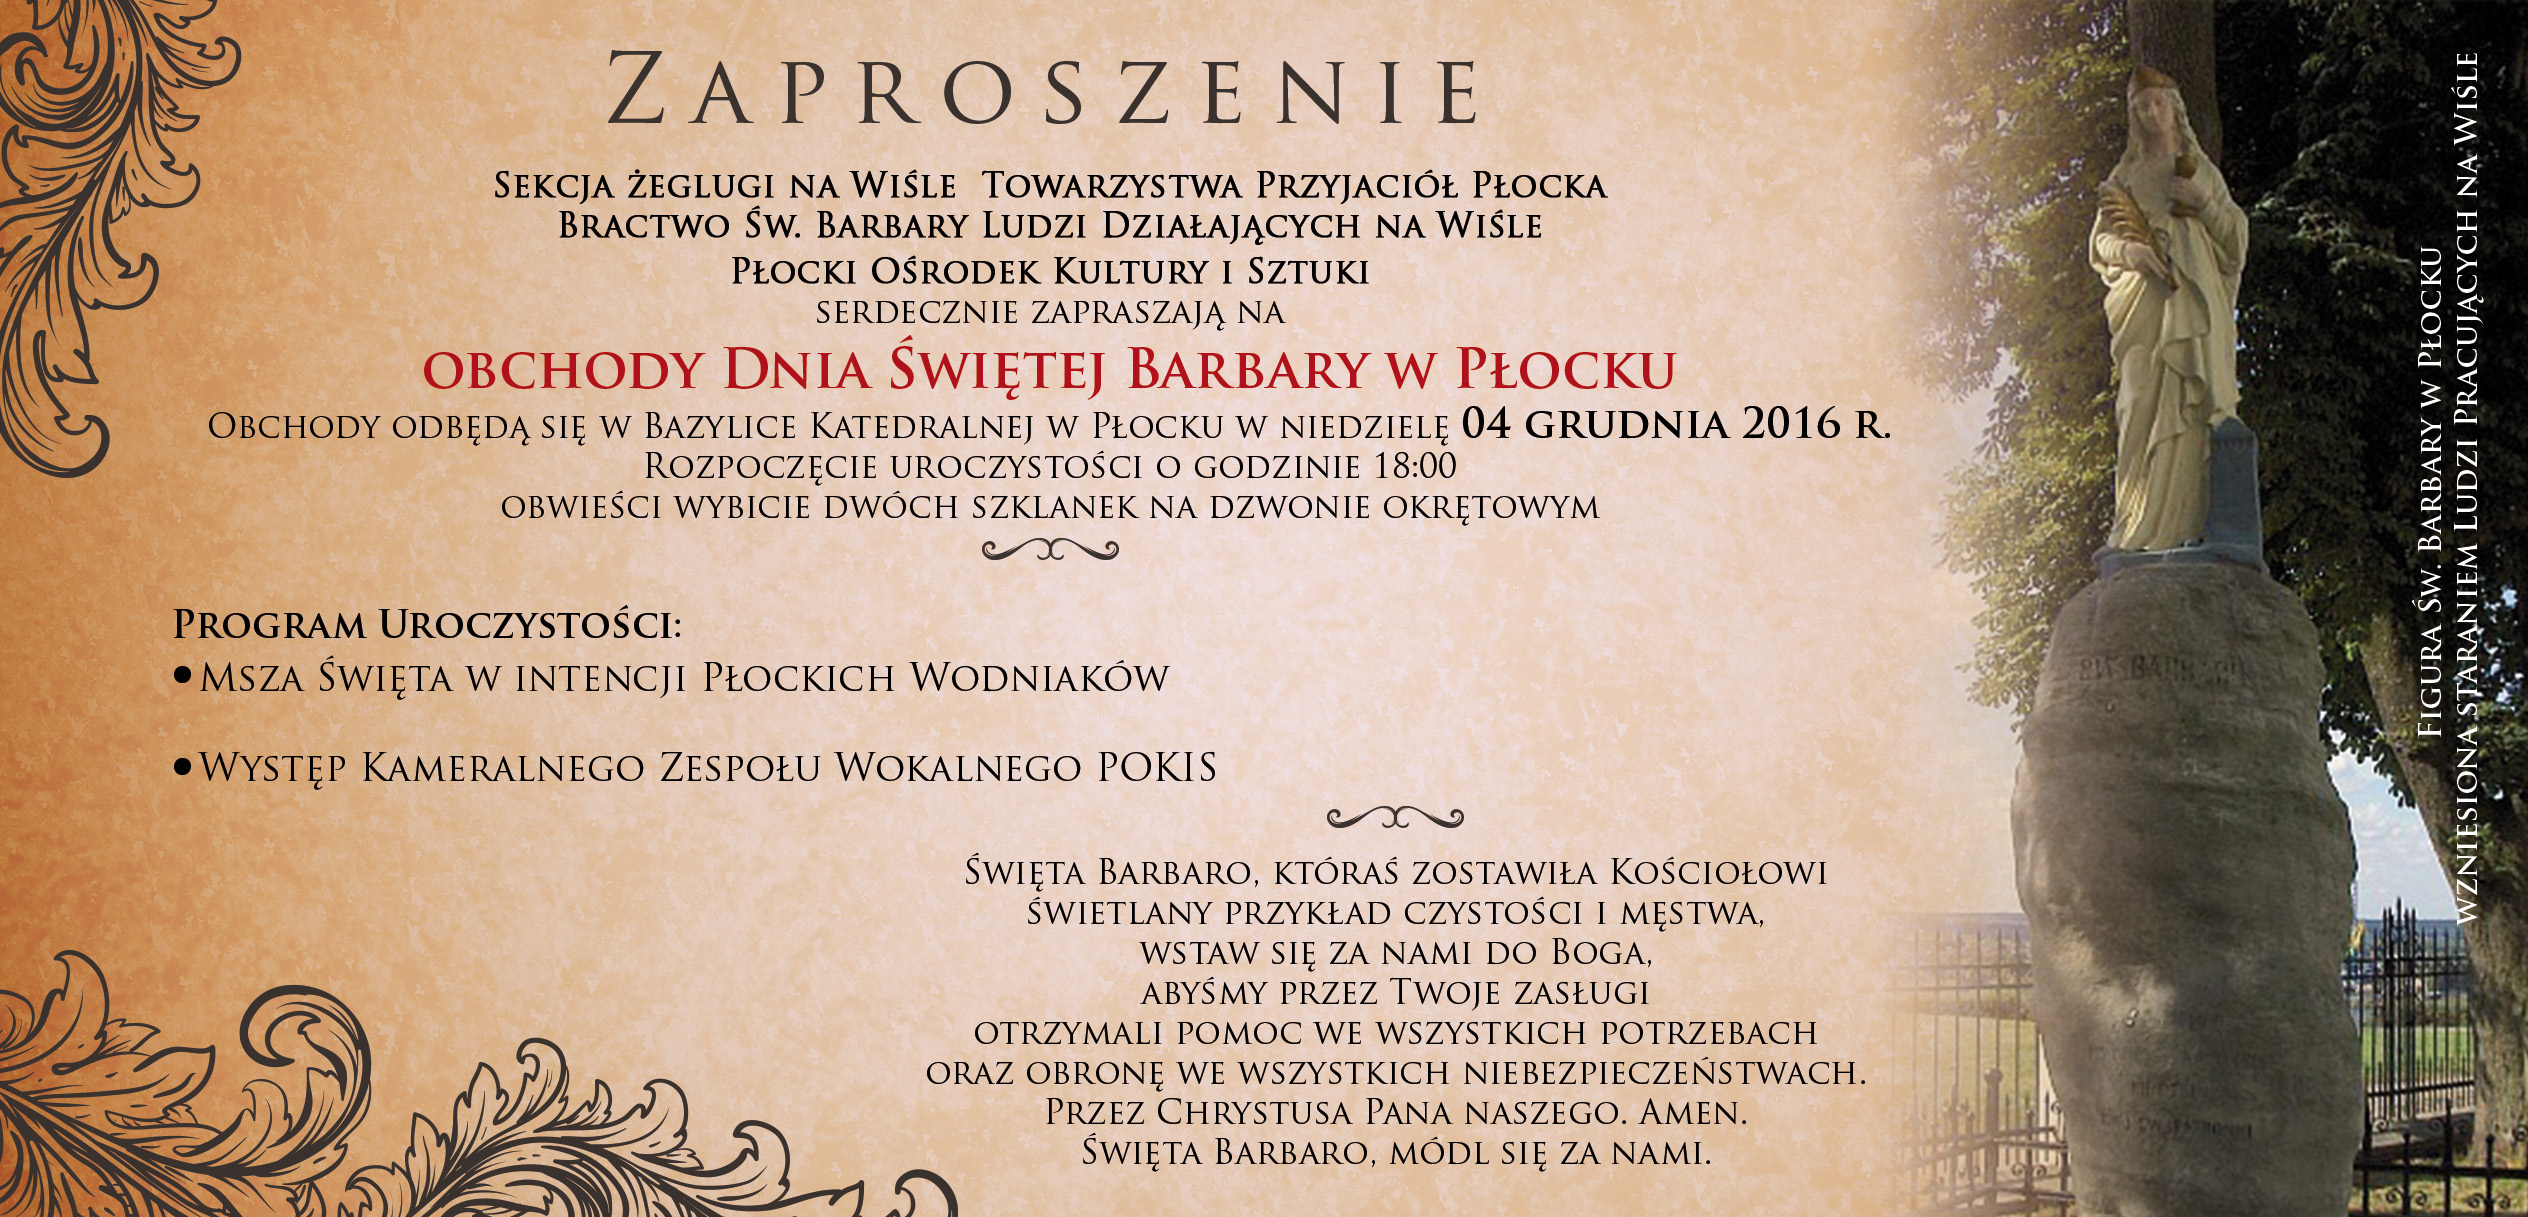 zaproszenie_swbarbara_2016